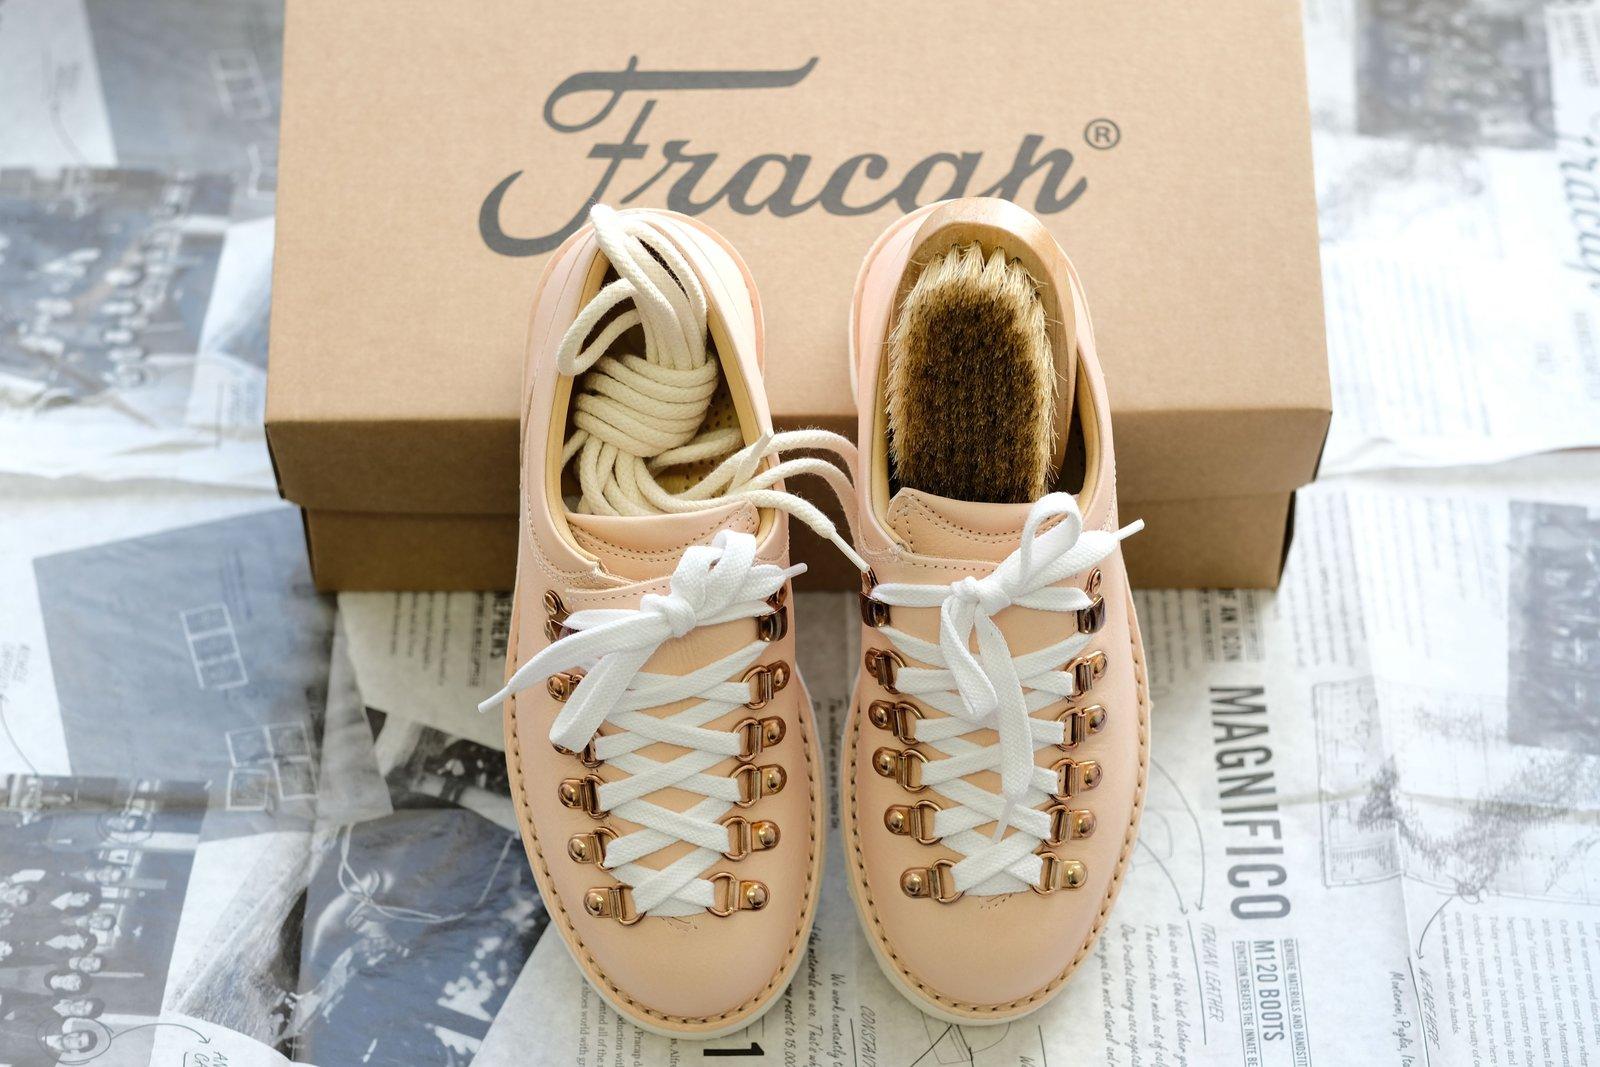 Fracap フラカップ M121 靴 シューズ メインローザ― レザー